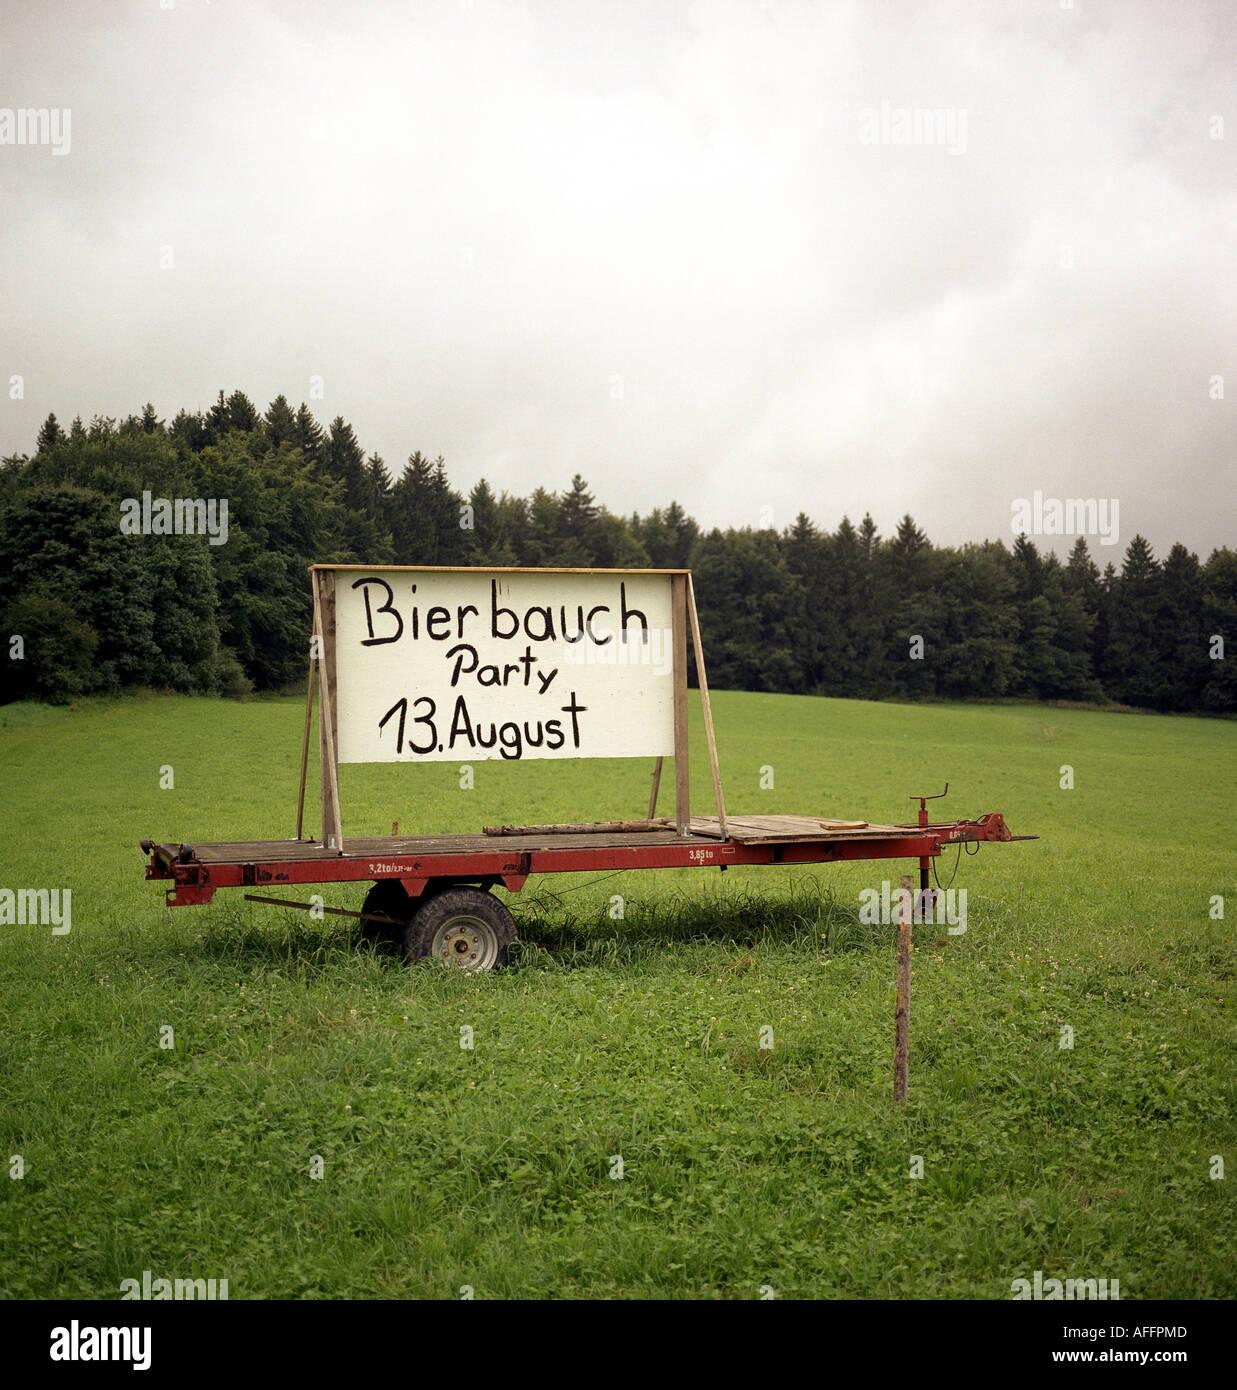 Plakat auf dem Haenger eines Traktors wirbt fuer eine Party in Bayern - Stock Image